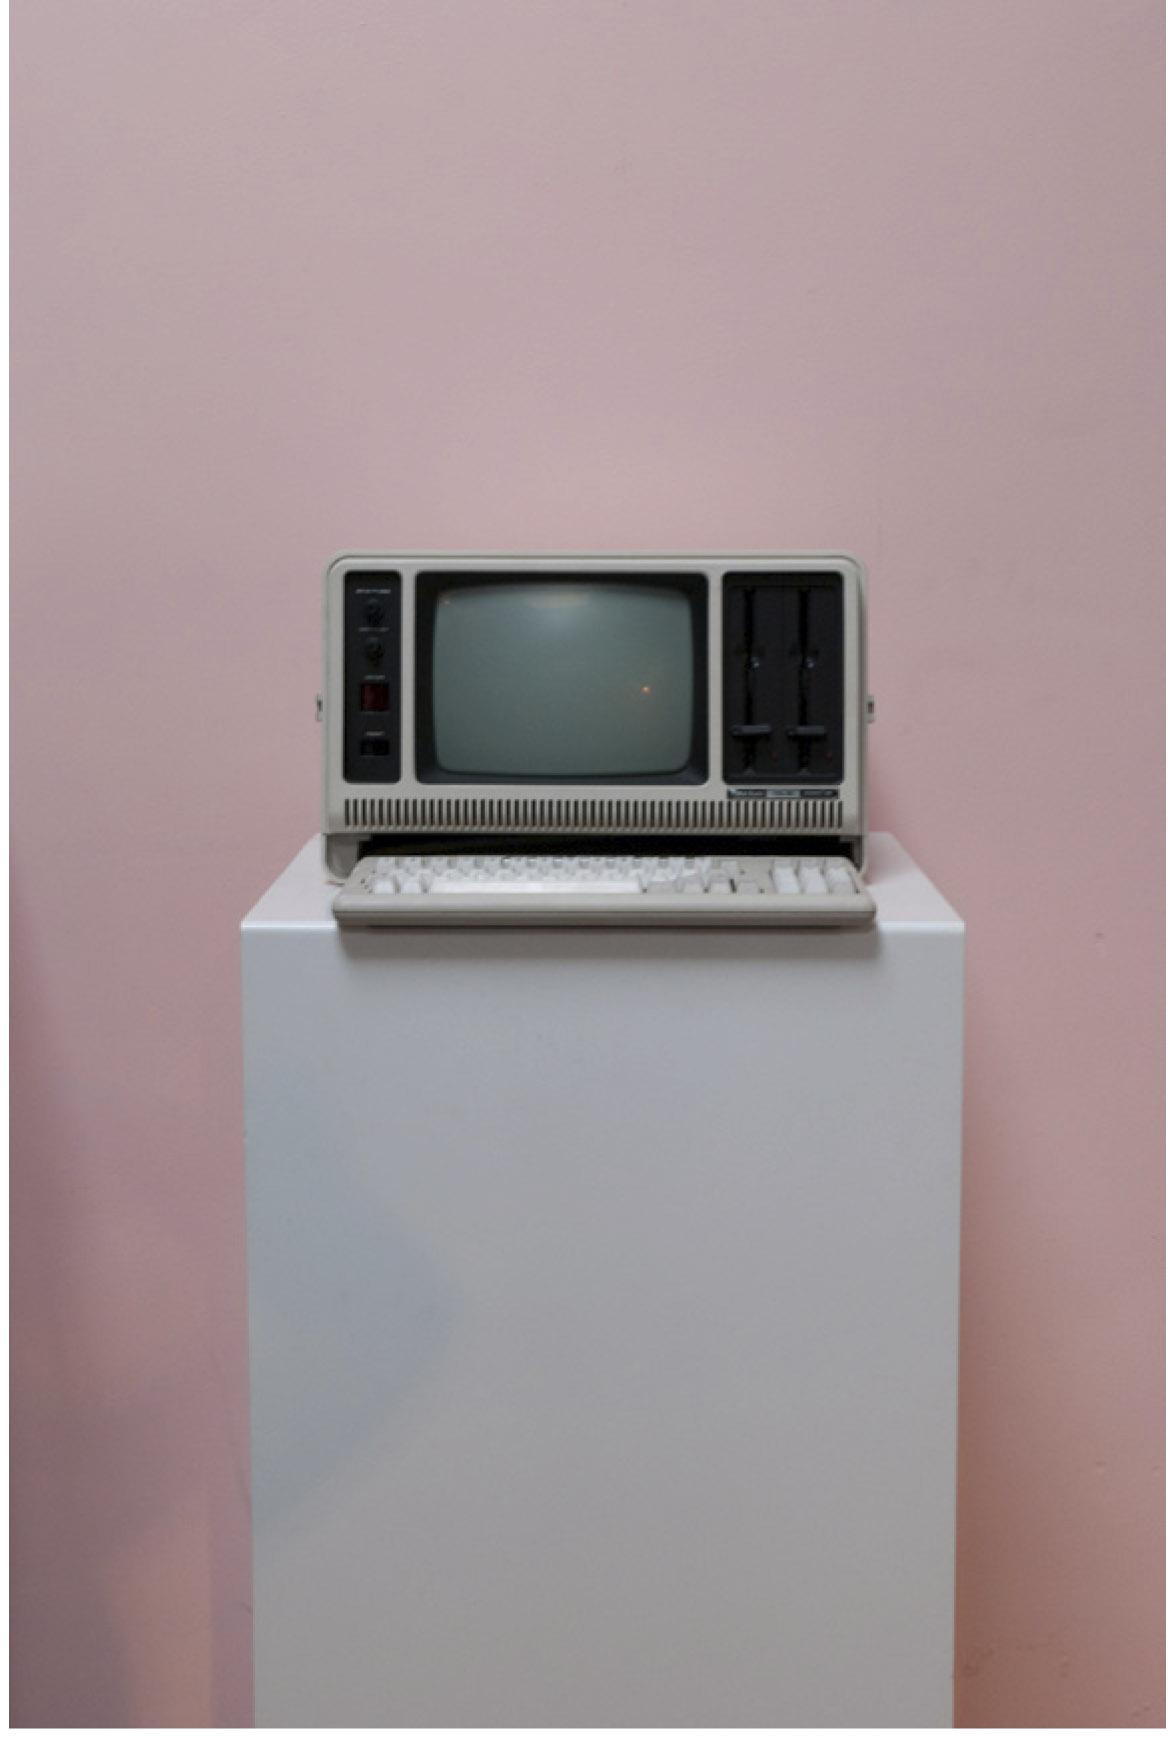 La chambre froide,30X40 cm, 2009, extrait de la série.